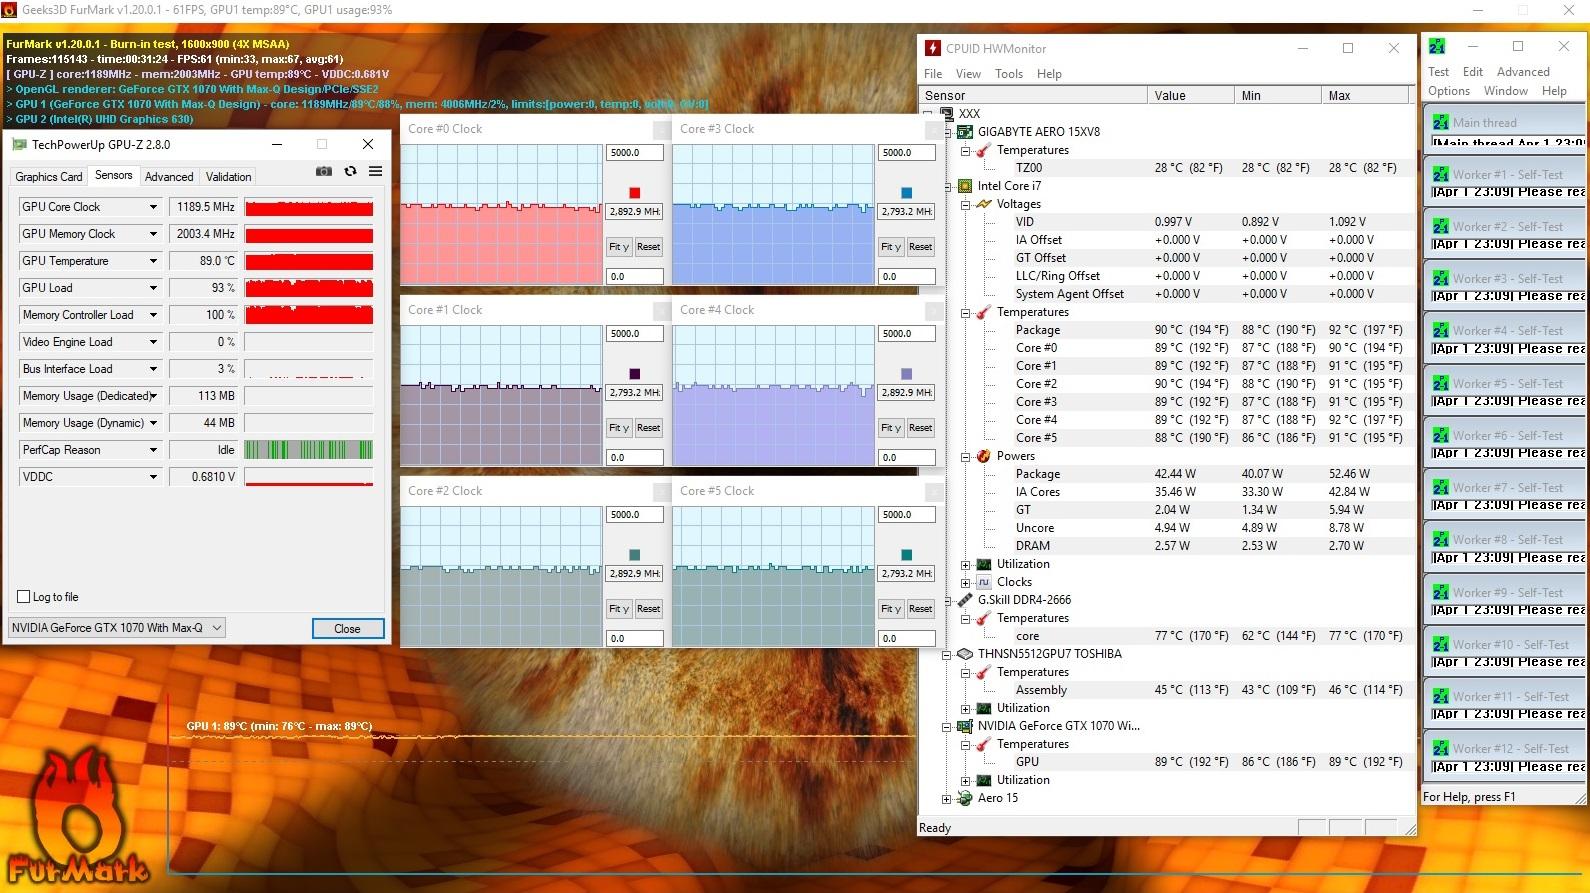 Eurocom Q6 Review (I7-8750H, GTX 1070 Max-Q, Clevo P955ER)